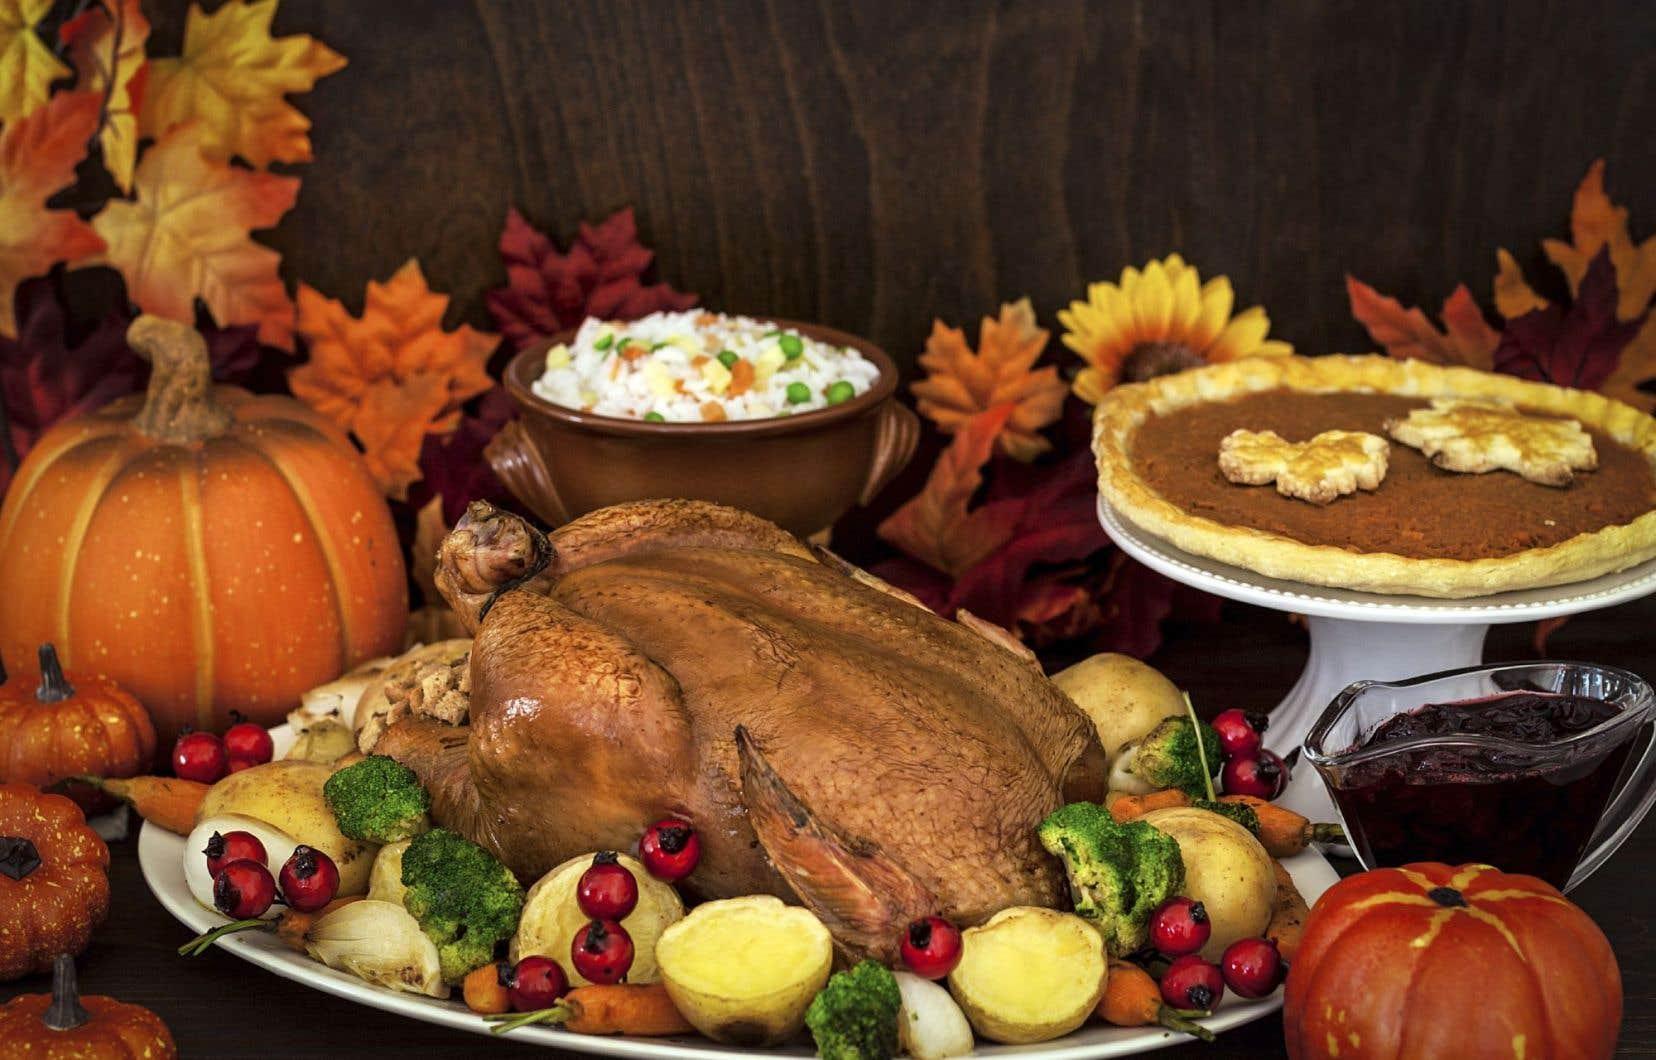 Le temps de l'Action de grâce voit se perpétuer la tradition de servir de la dinde, un potage à la courge et une bonne tarte aux pommes ou à la citrouille.